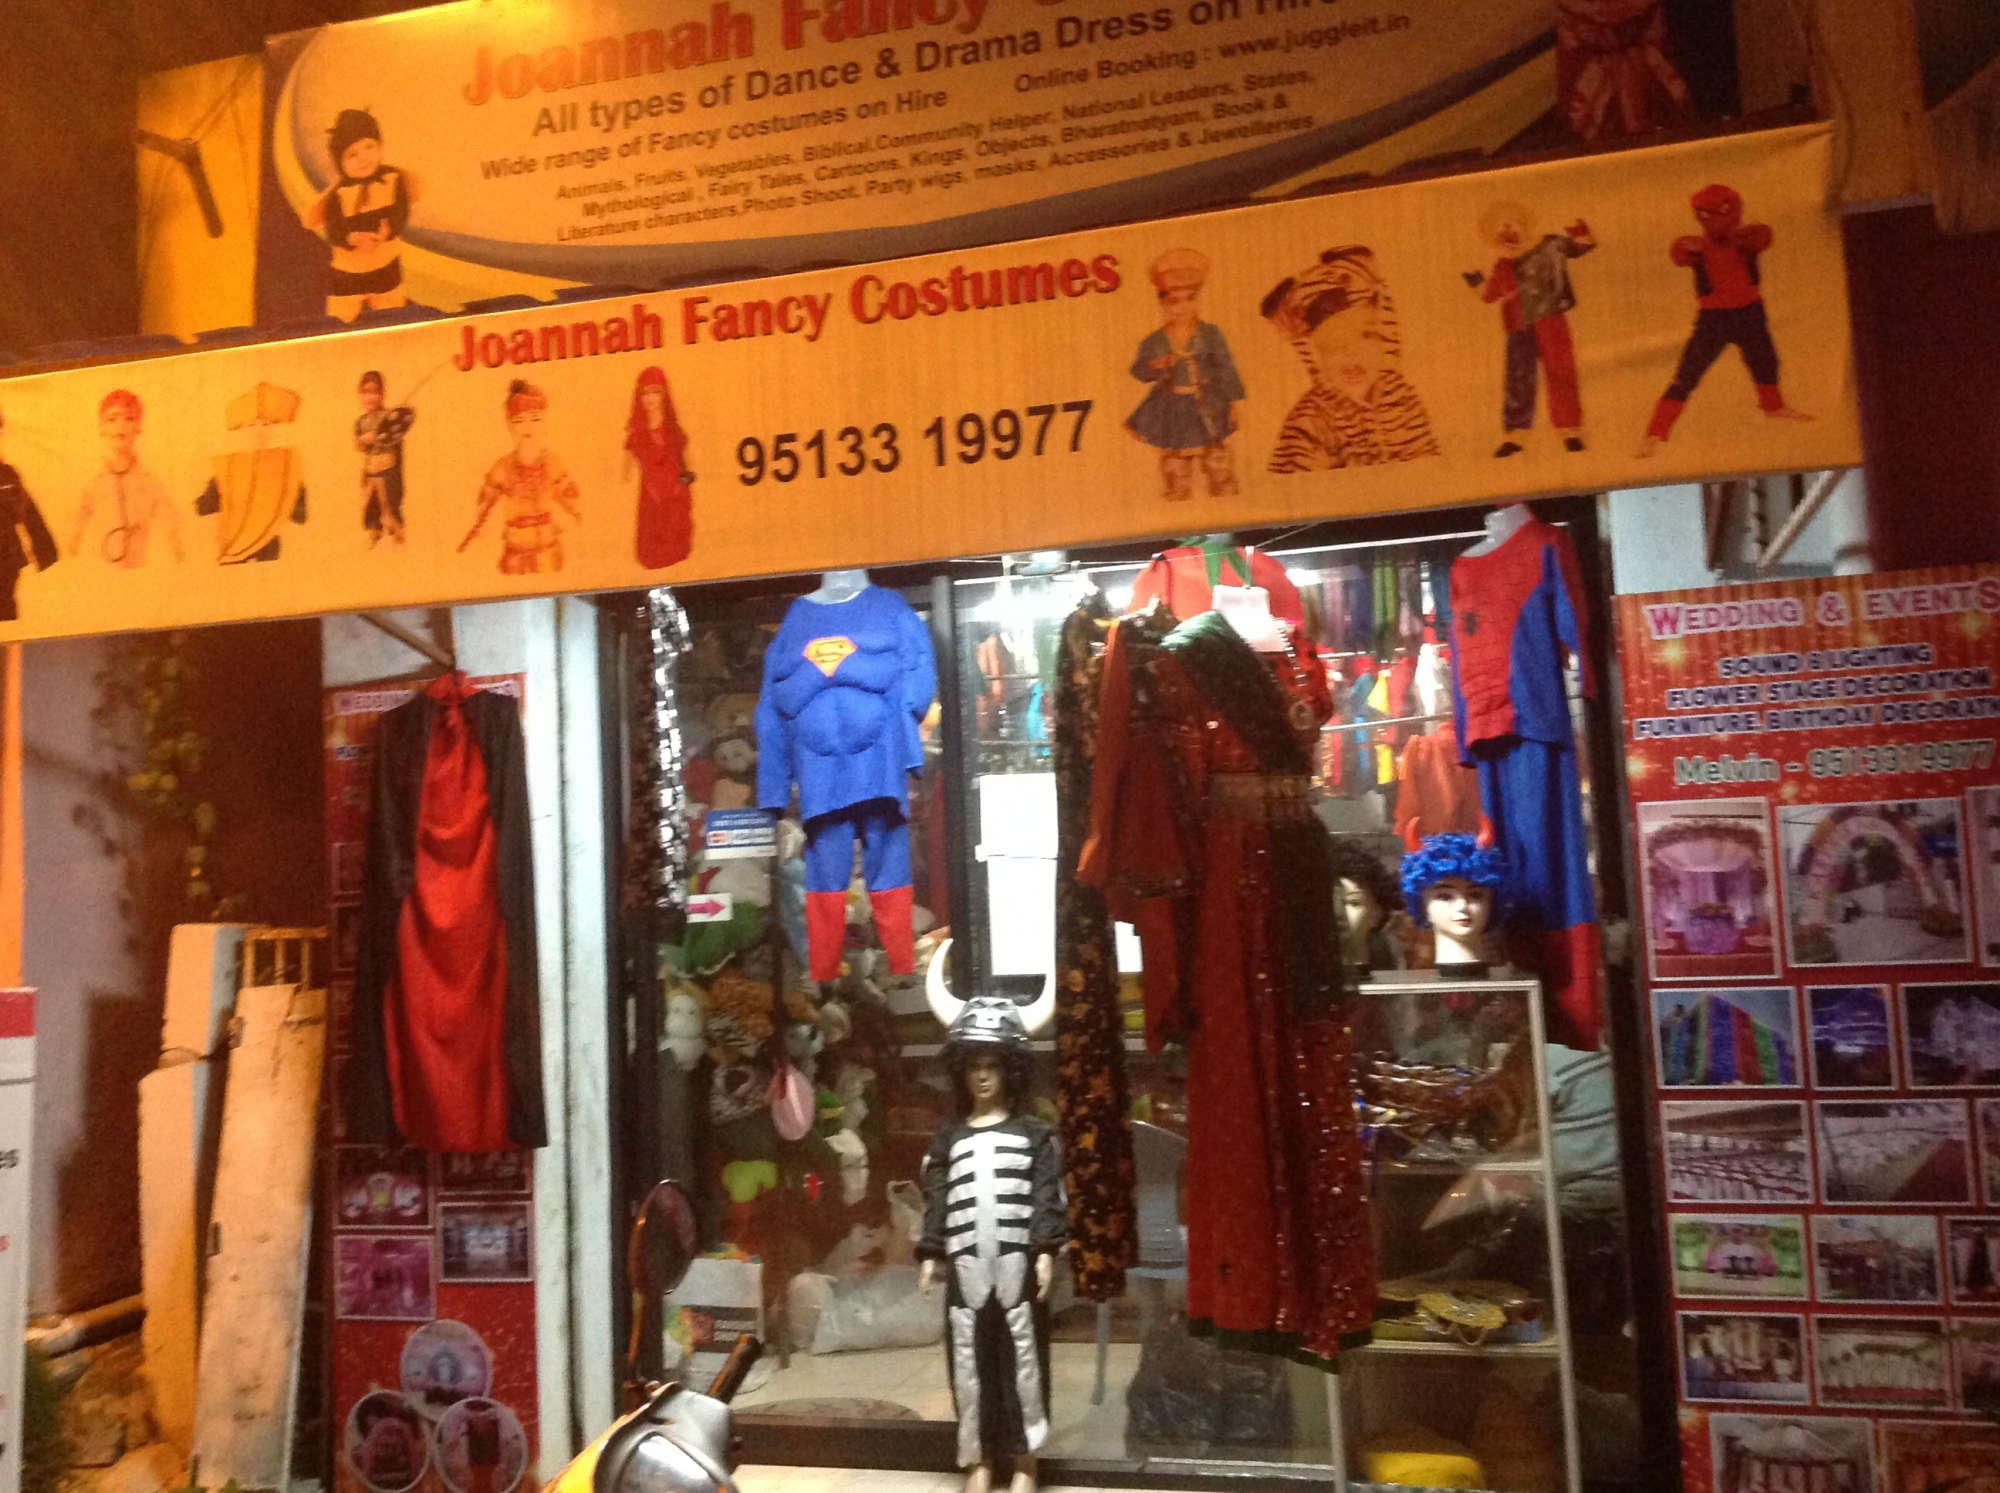 64b8656019 Top Costumes On Hire For Fancy Dress in Rt Nagar - Best Fancy Dress ...